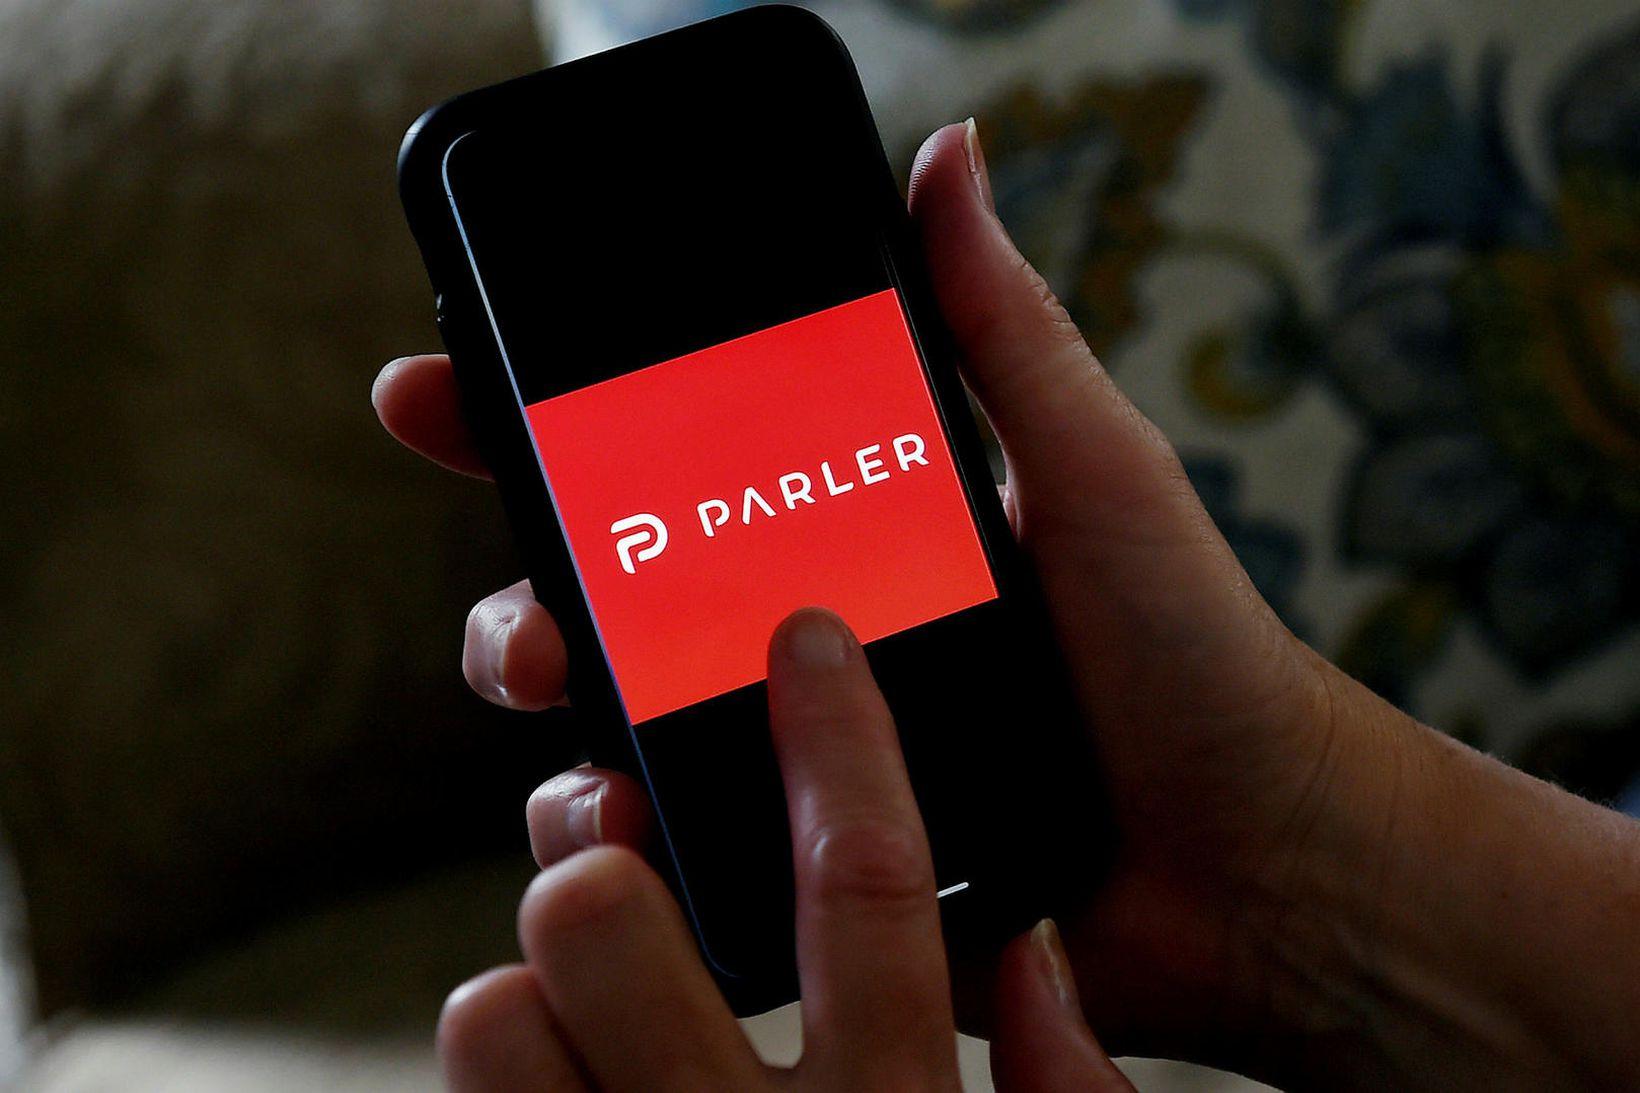 Parler appið hefur verið fjarlægt úr Google Play Store.